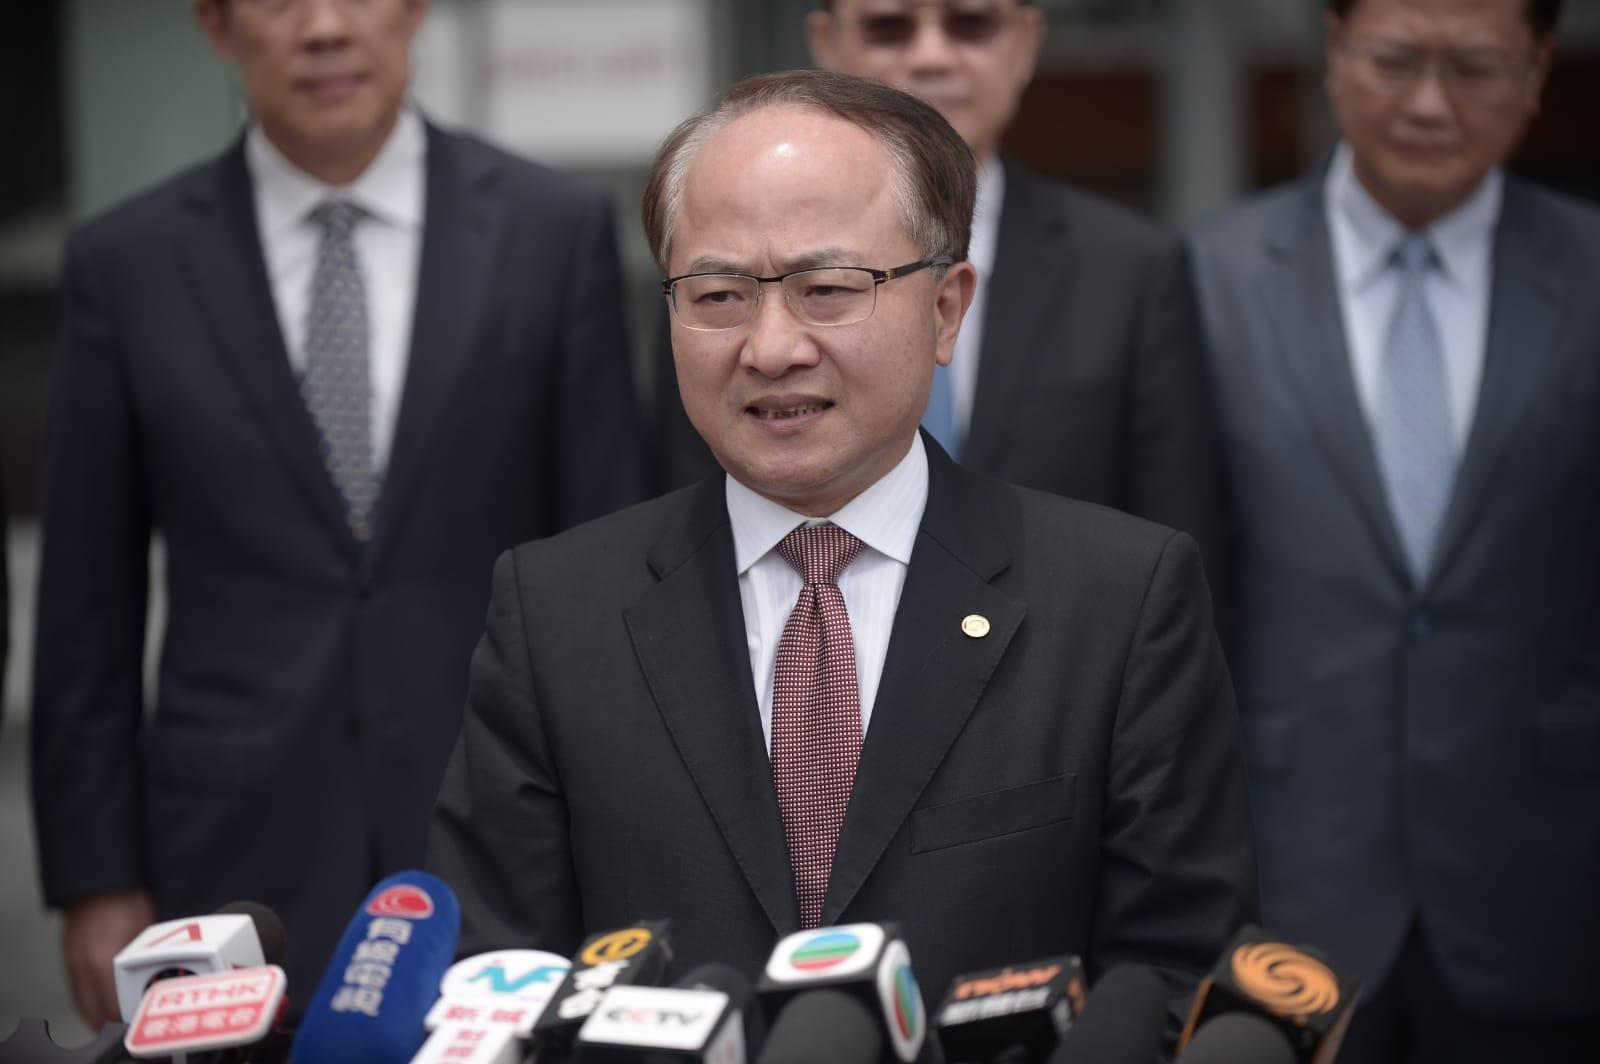 王志民批評示威者侮辱國家主權及安全,行徑十分惡劣,性質嚴重。